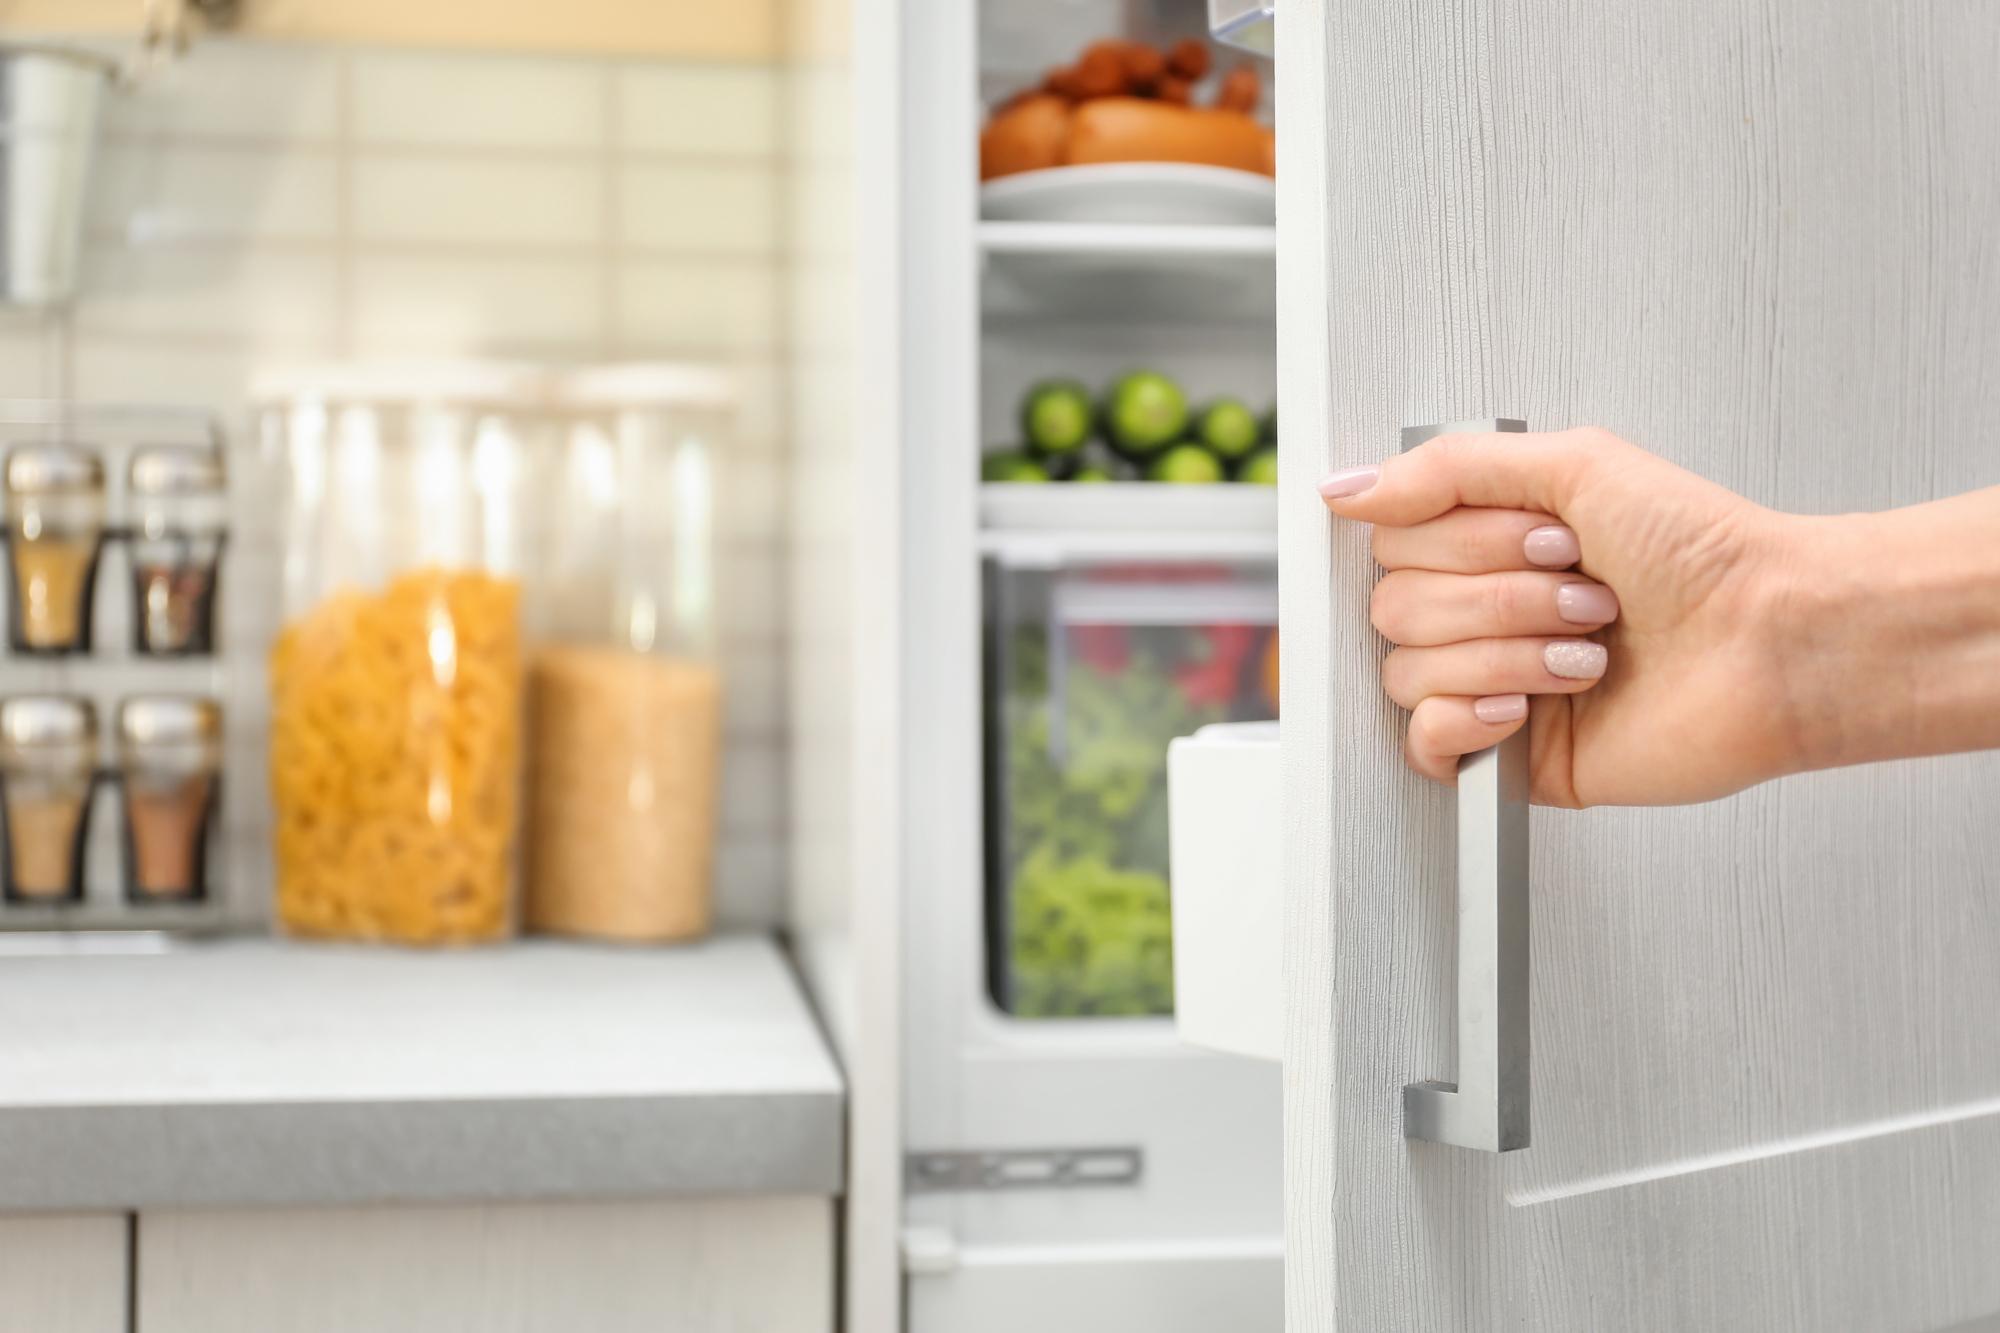 Kleiner Kühlschrank Stiftung Warentest : Testsieger märz 2018: kühl gefrierkombinationen das sind die 7 besten